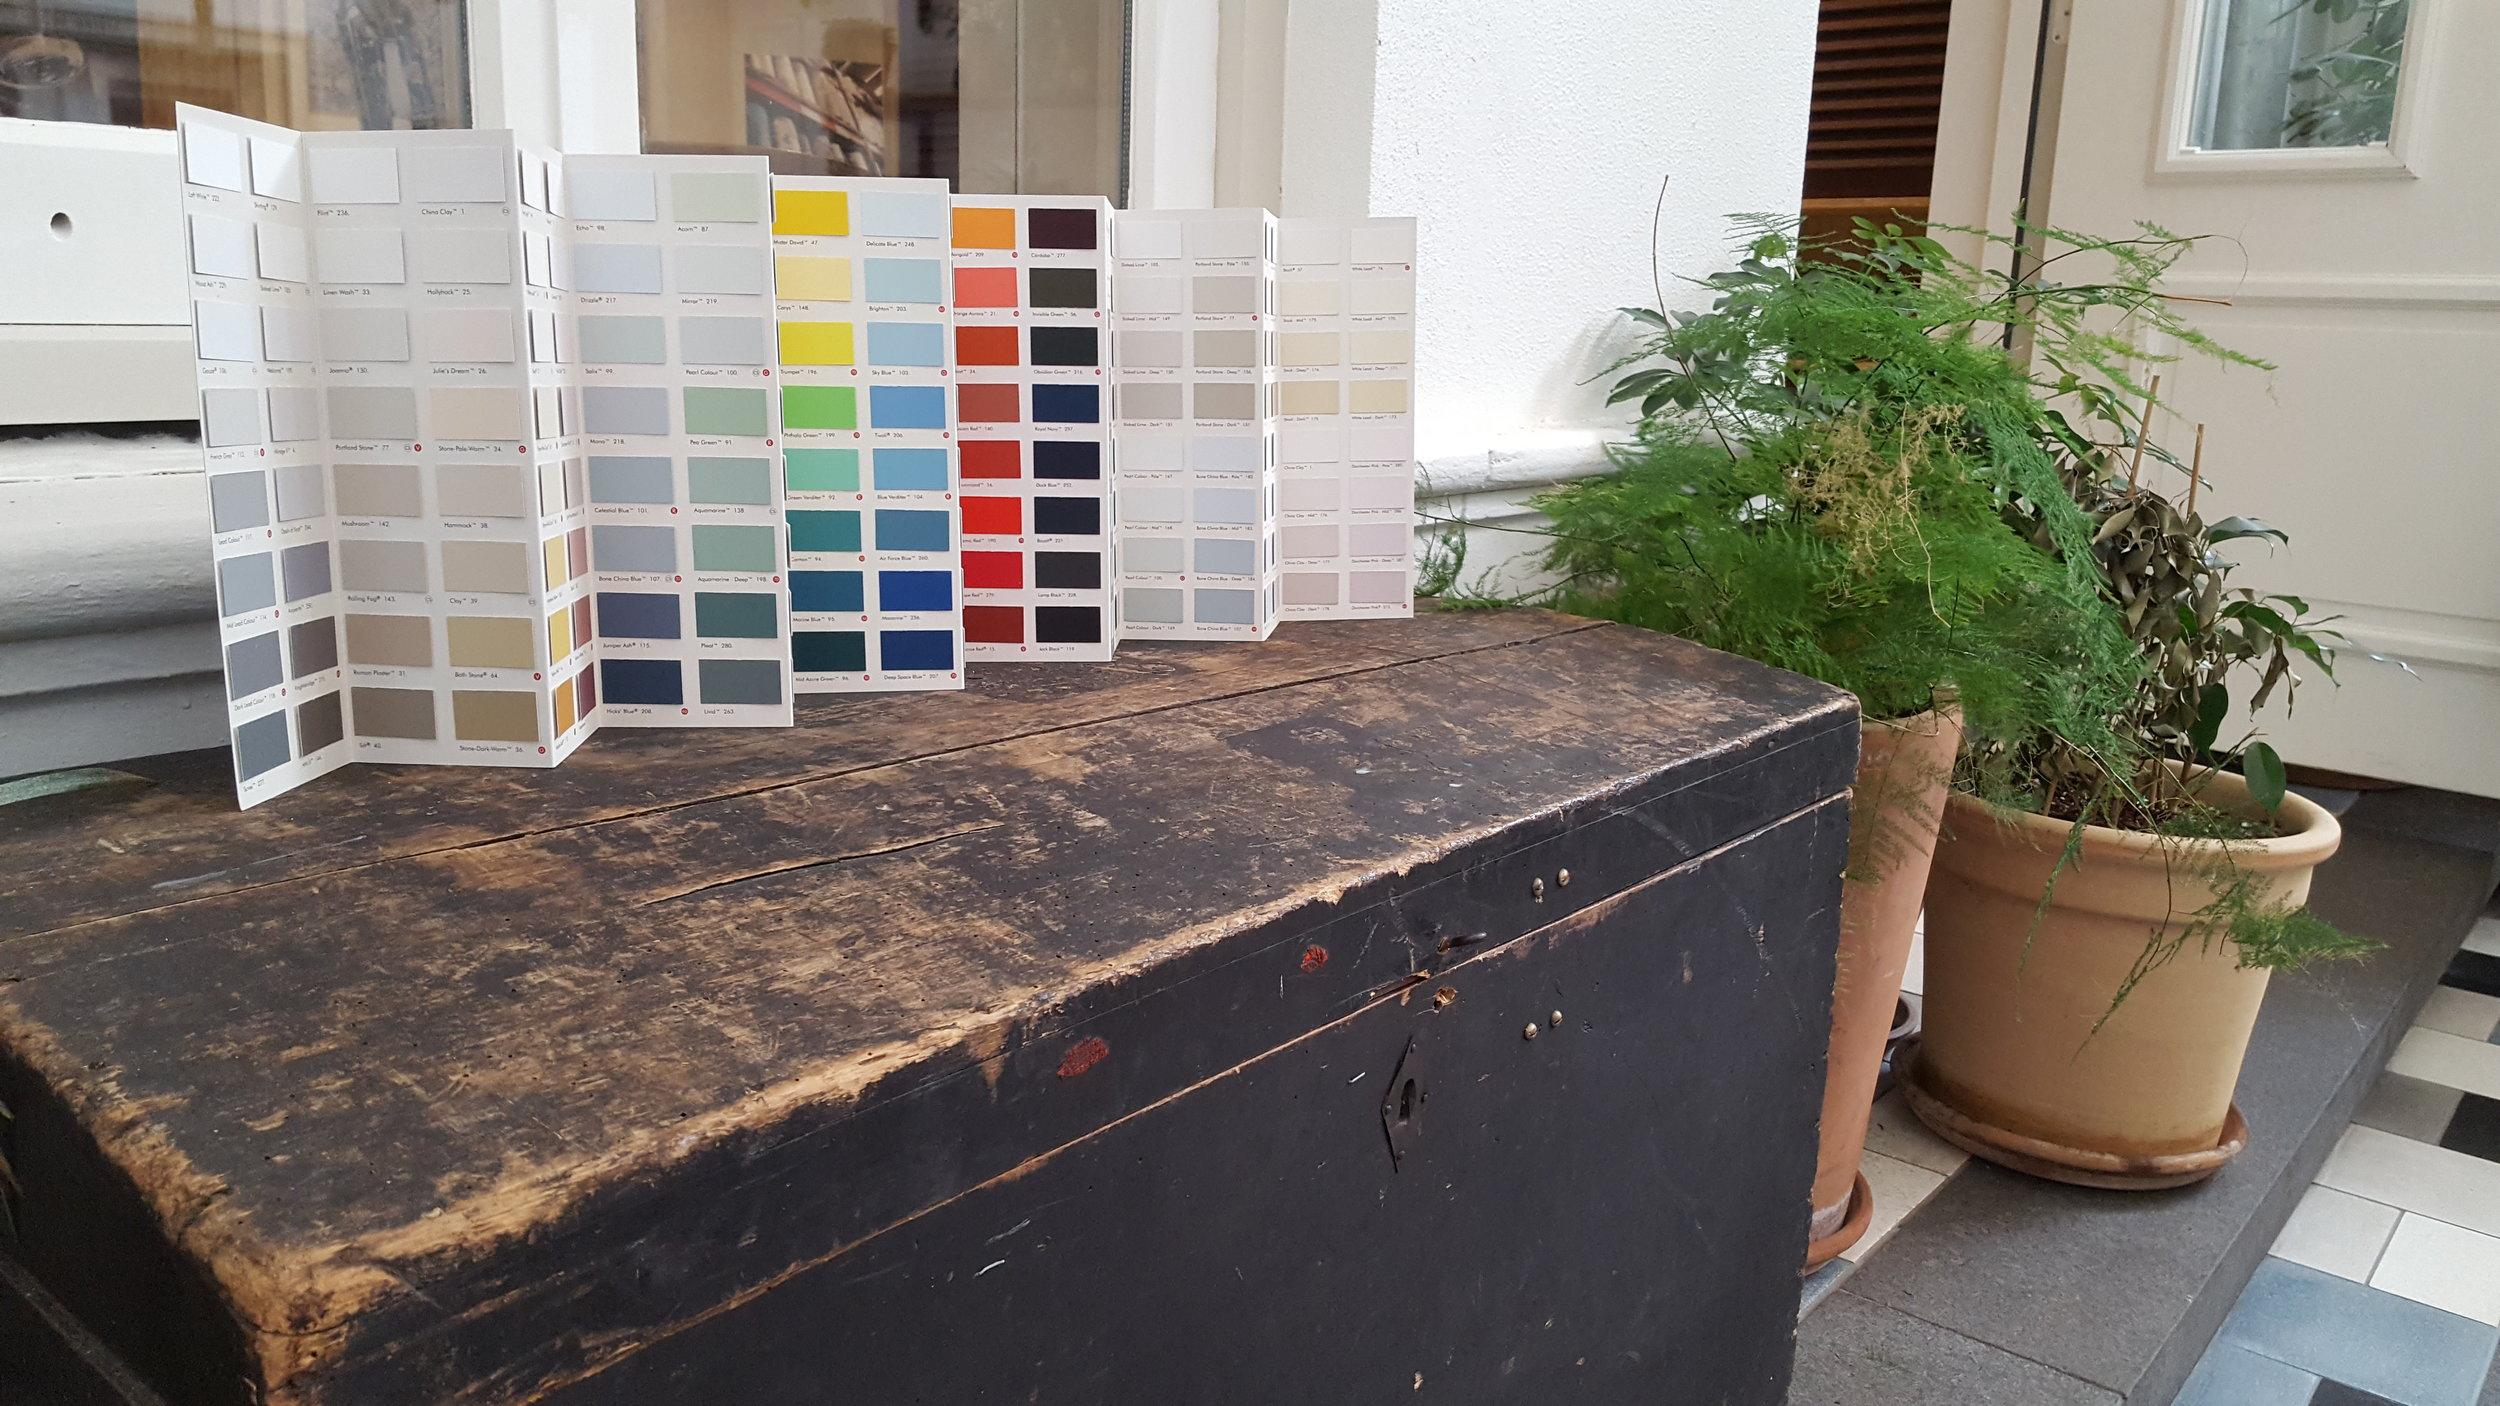 Image taken from Little Greene Paint Company Website